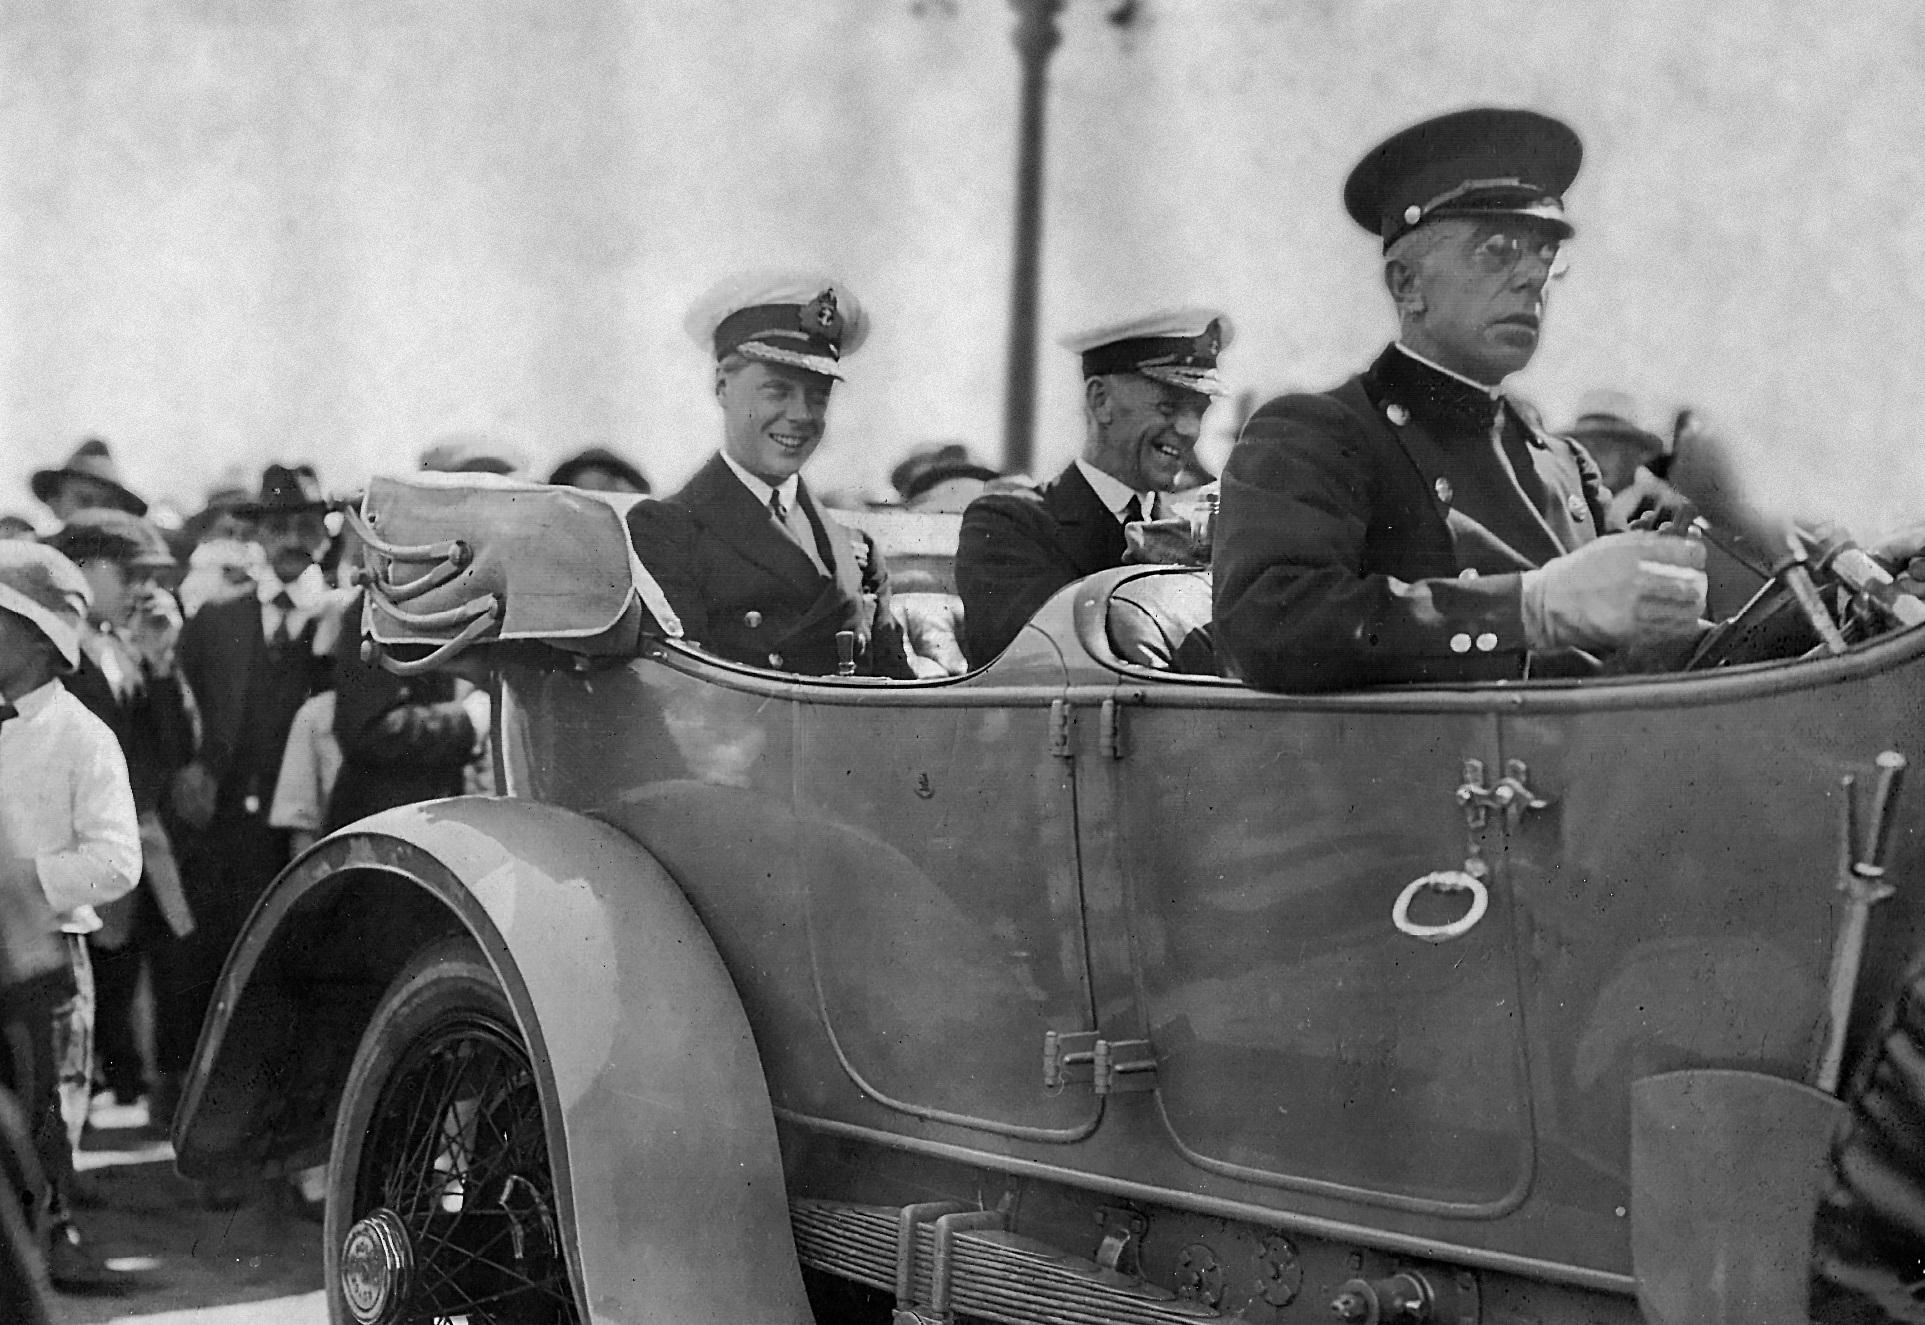 El príncipe de Gales andando en la limusina Rolls-Royce de 1914 de Sir Mortimer Davis, 1919. Colección privada.